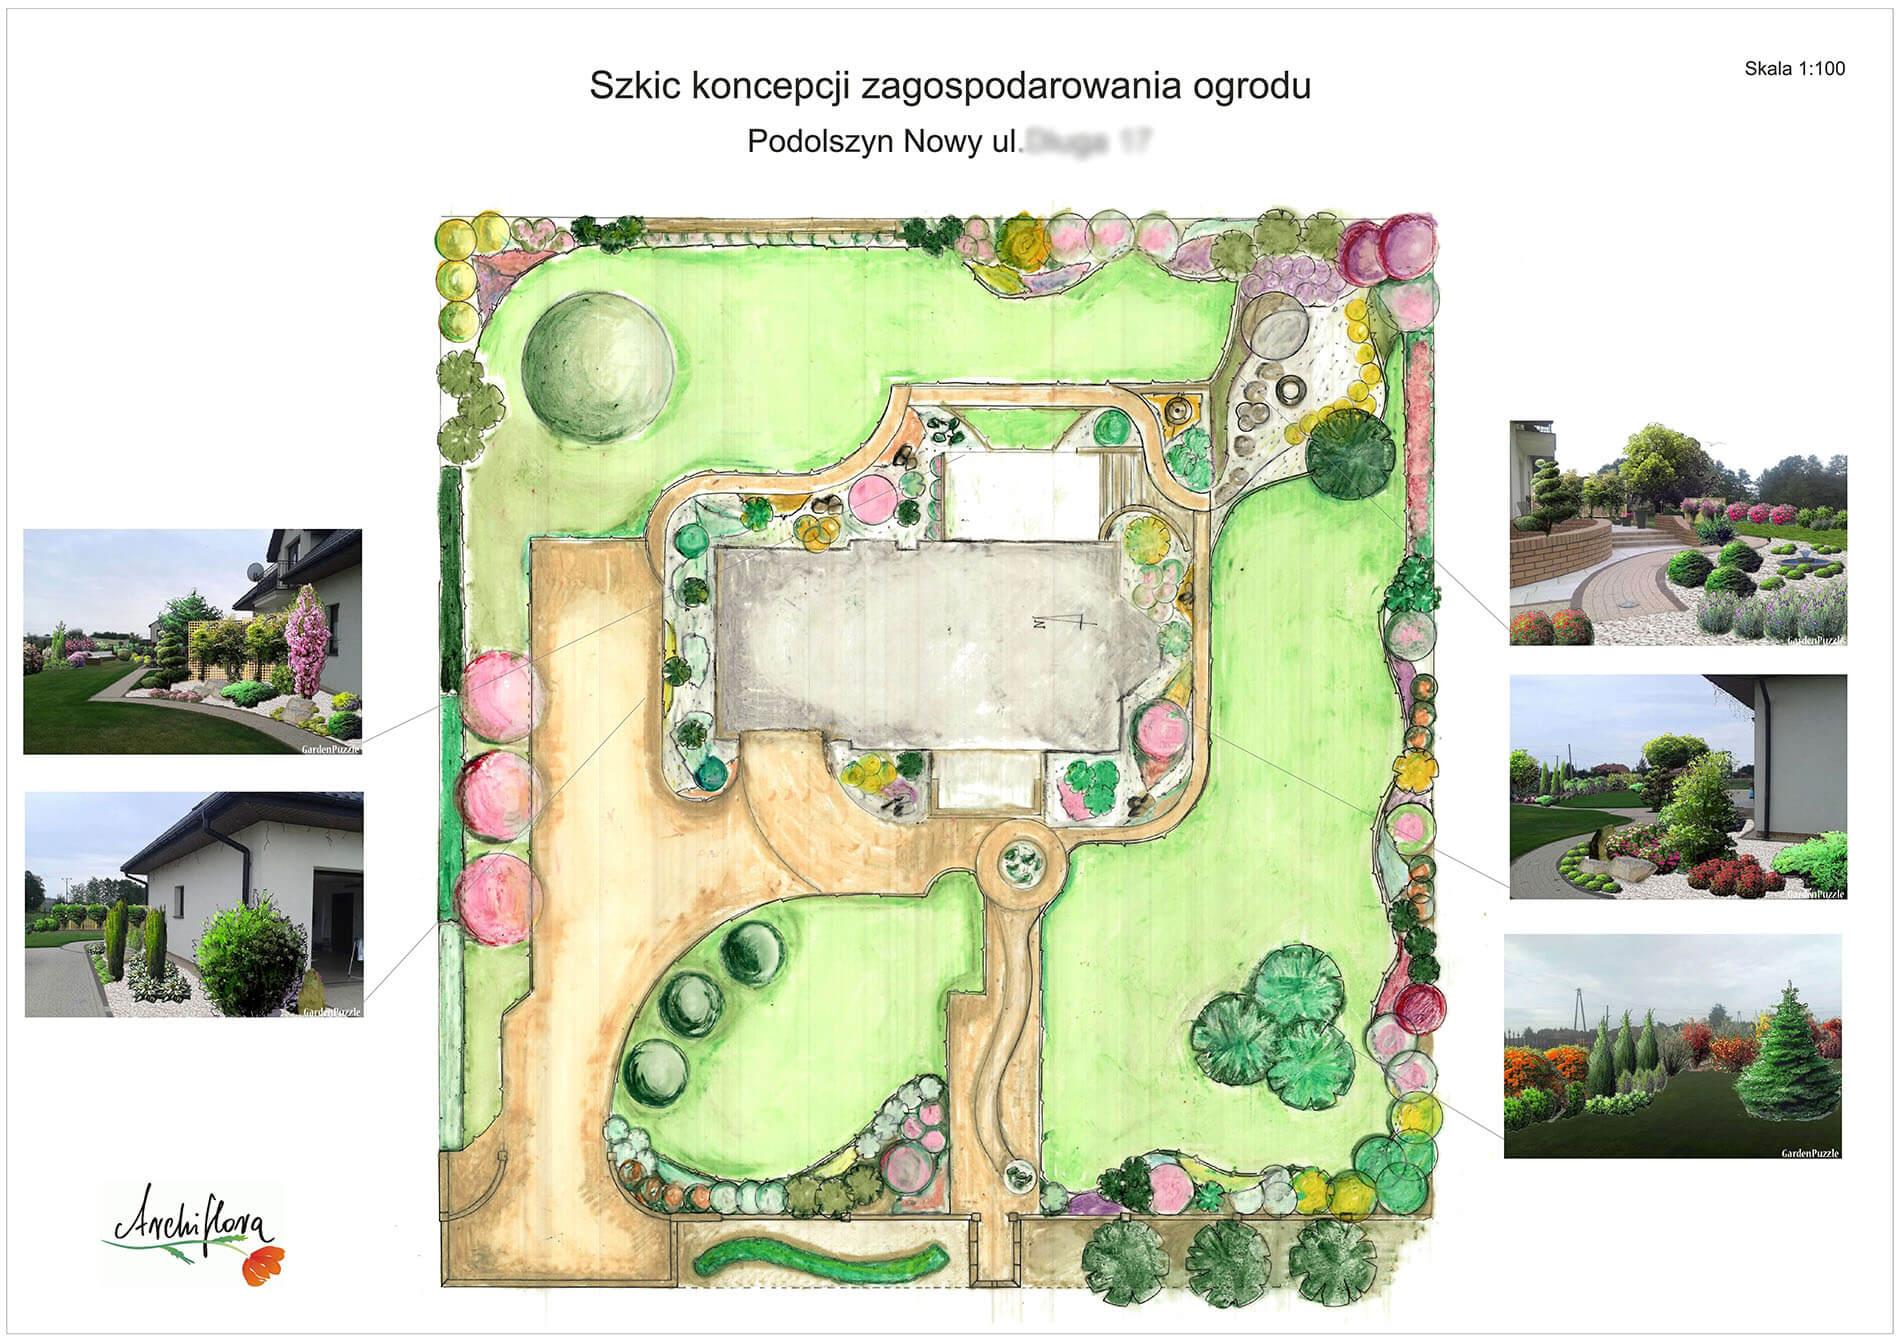 szkic koncepcji zagospodarowania ogrodu